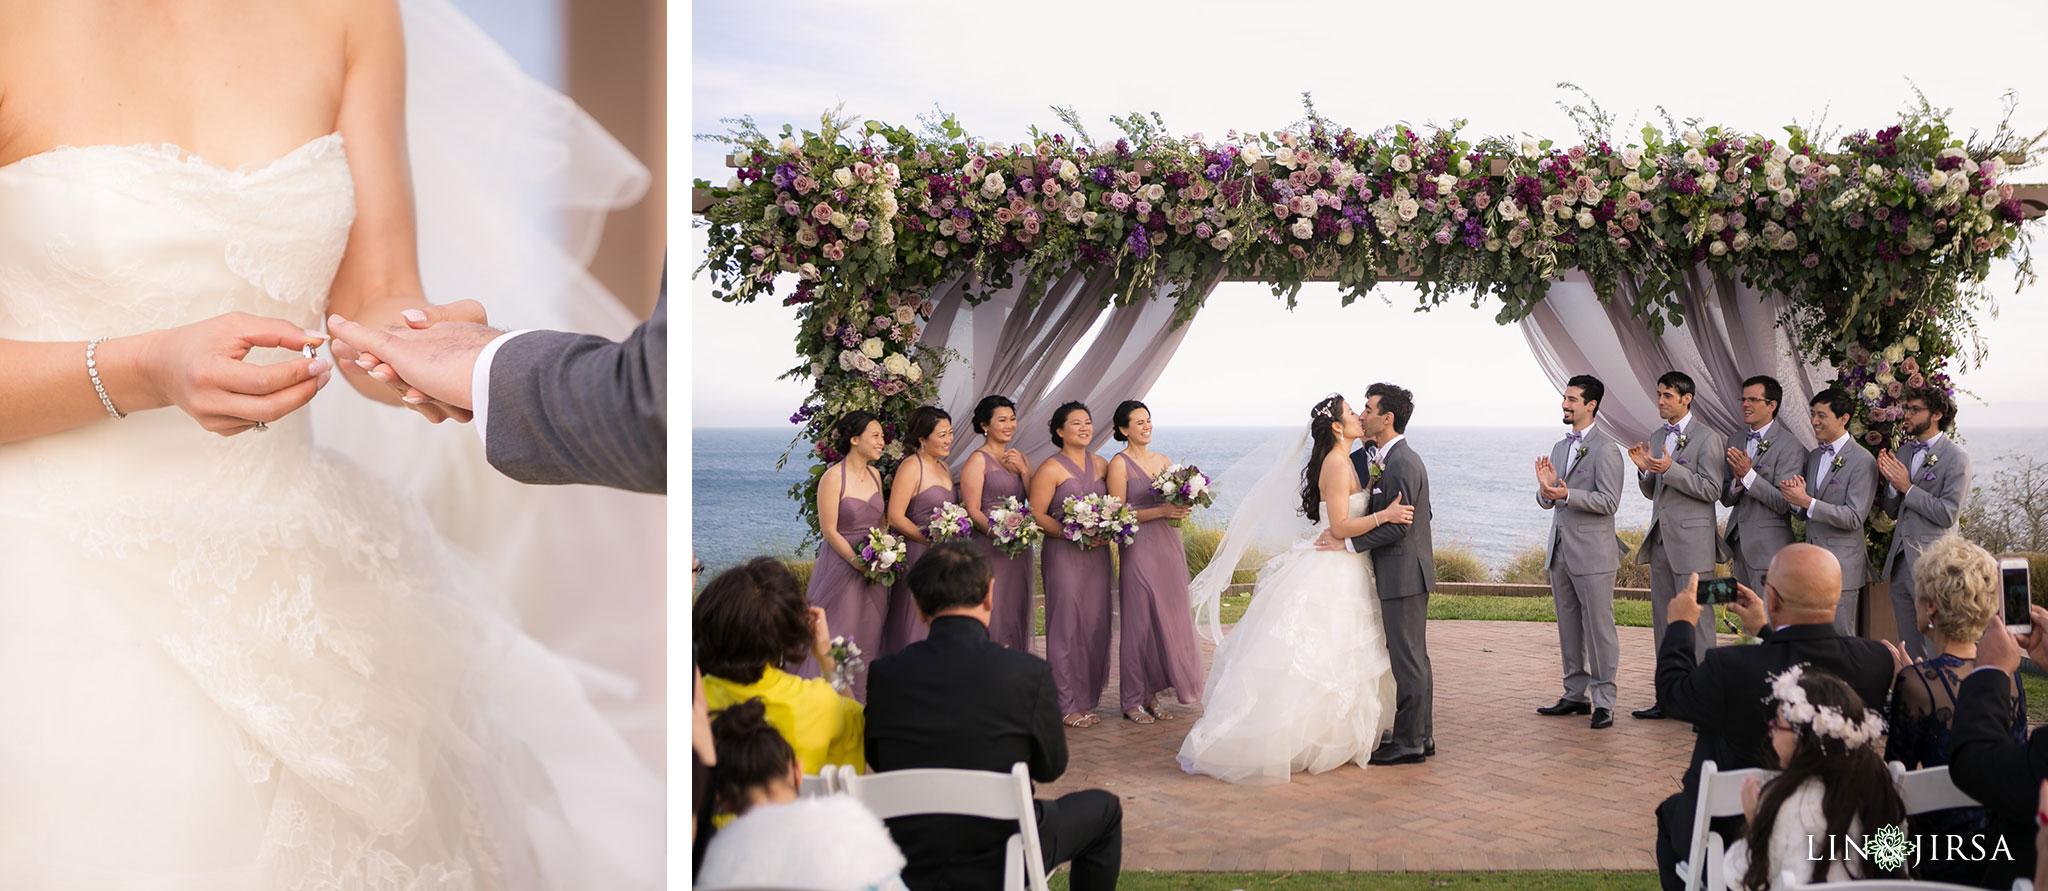 23 terranea resort rancho palos verdes wedding ceremony photography